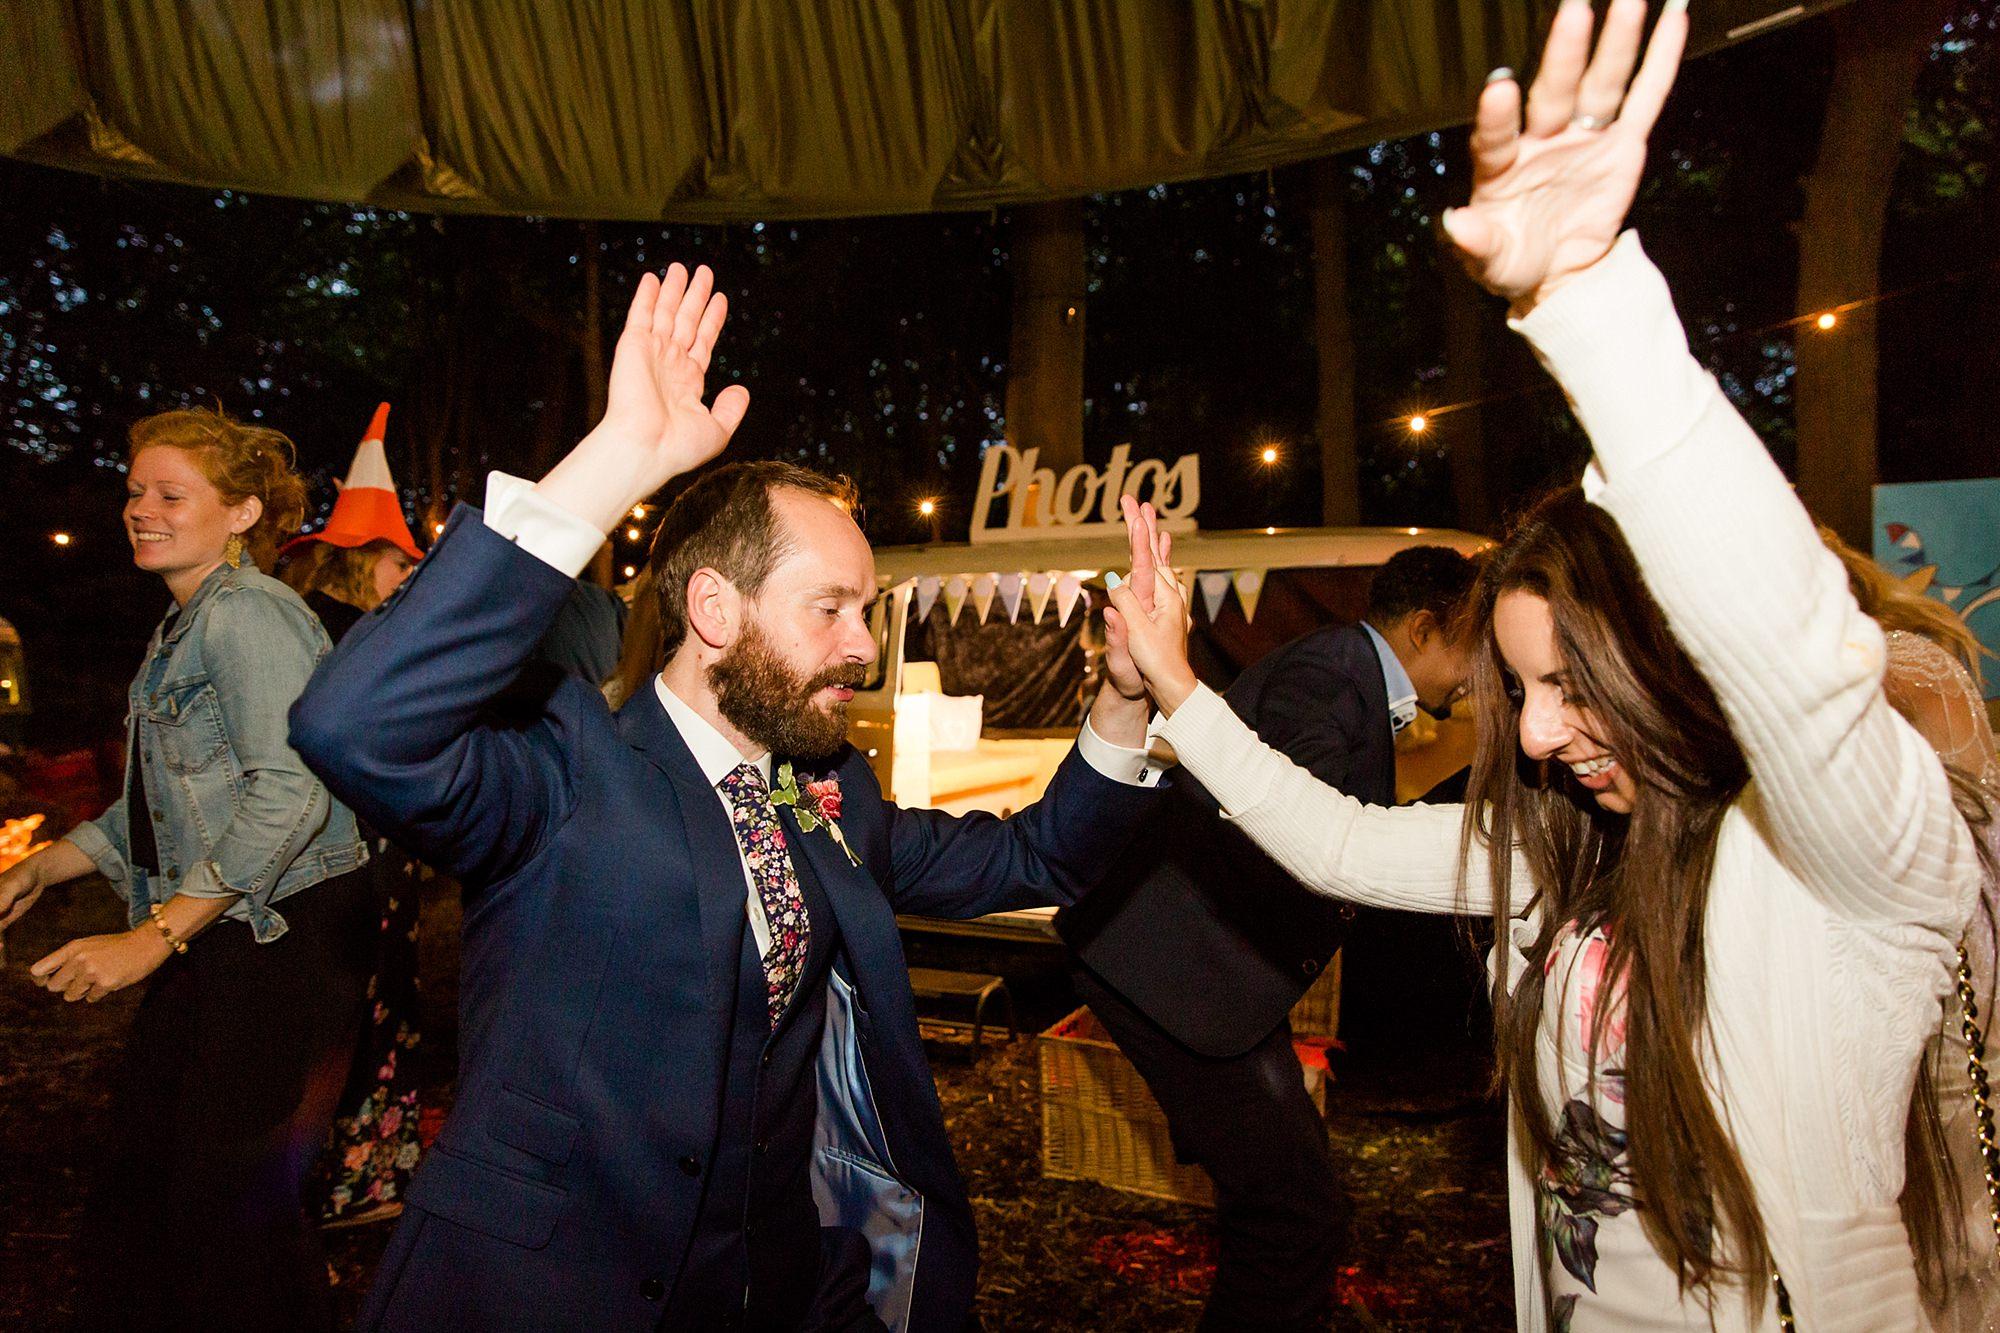 Woodland Weddings Tring dancing groom